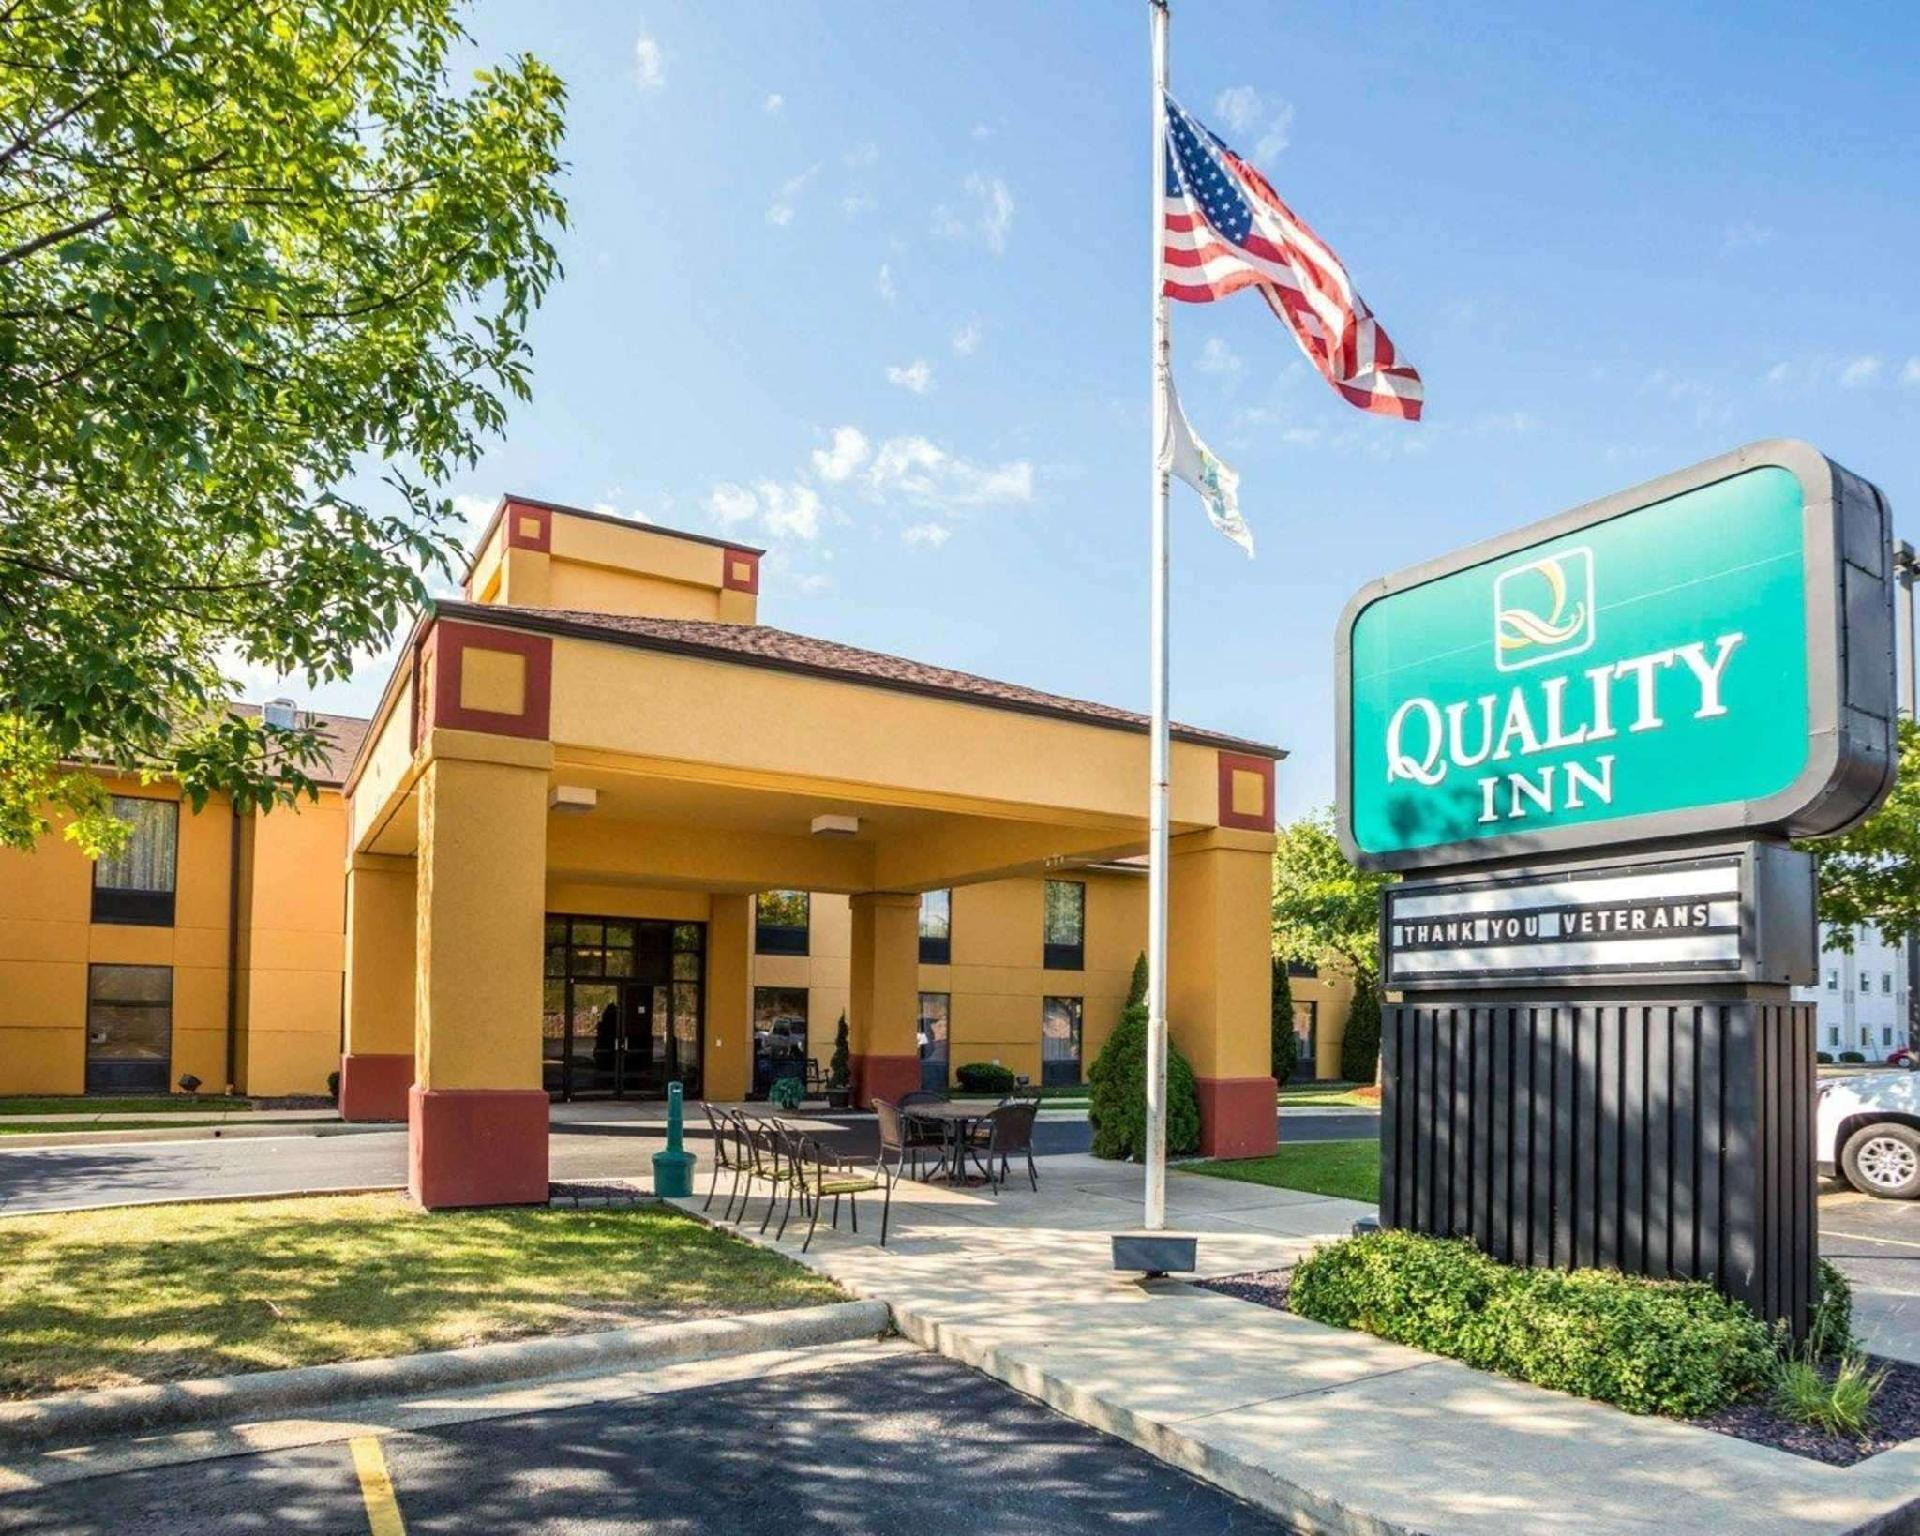 Quality Inn St. Robert   Ft. Leonard Wood